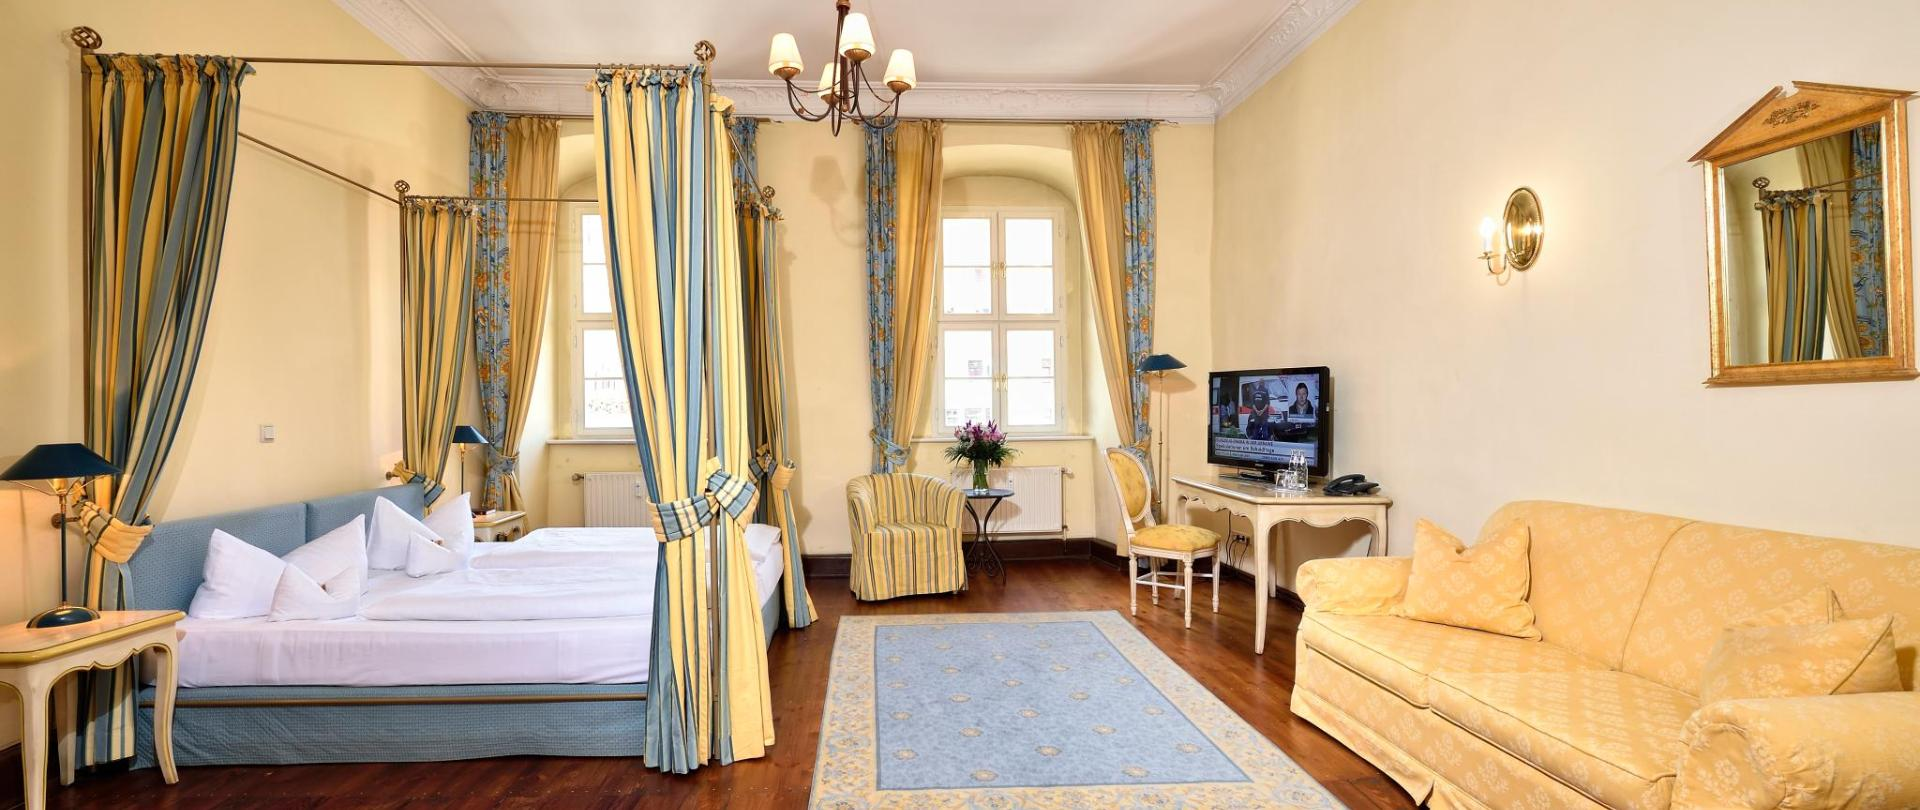 Hotel_GvM_067.jpg